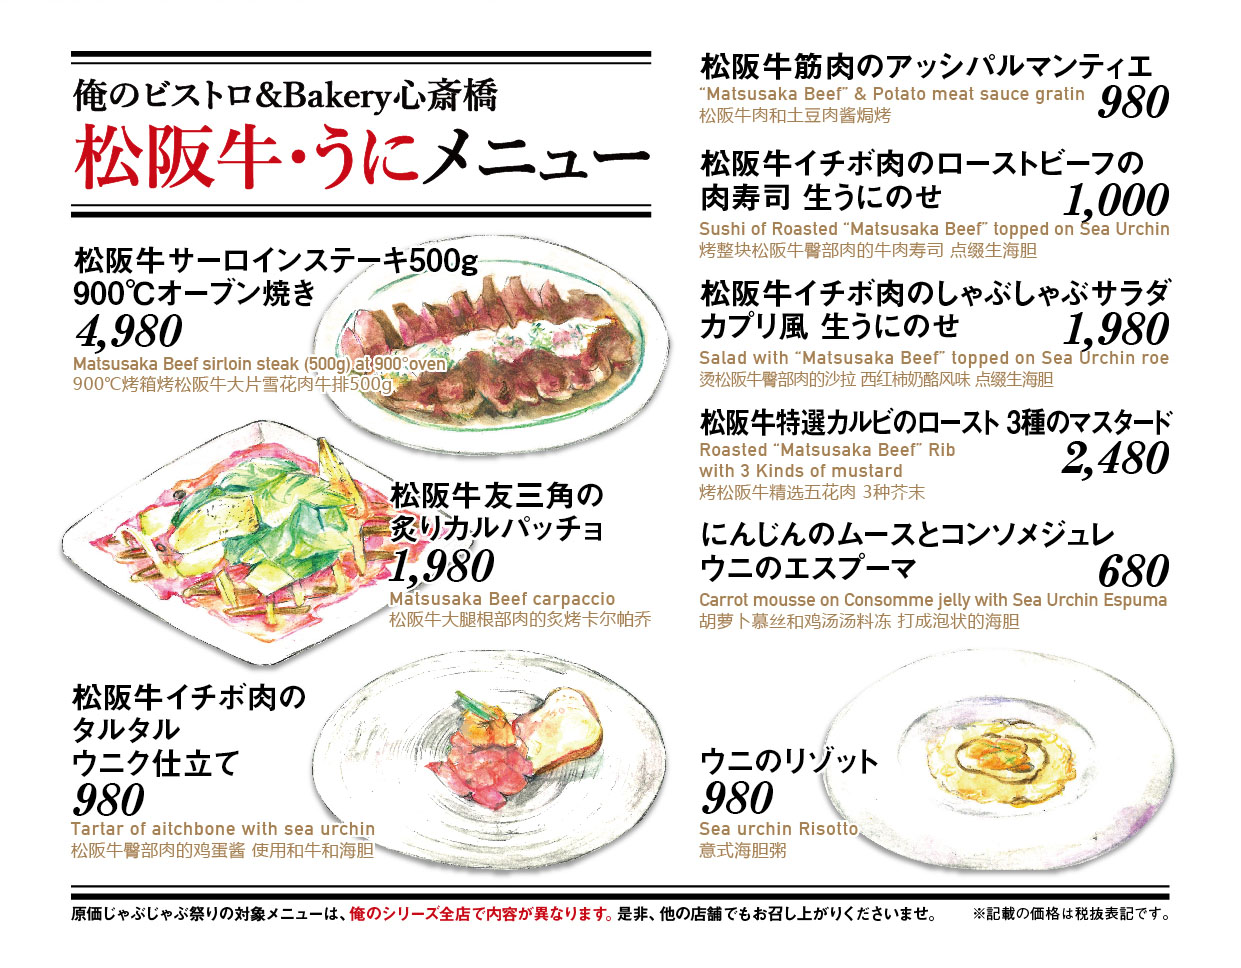 松阪牛・うにメニュー_俺のビストロ&Bakery